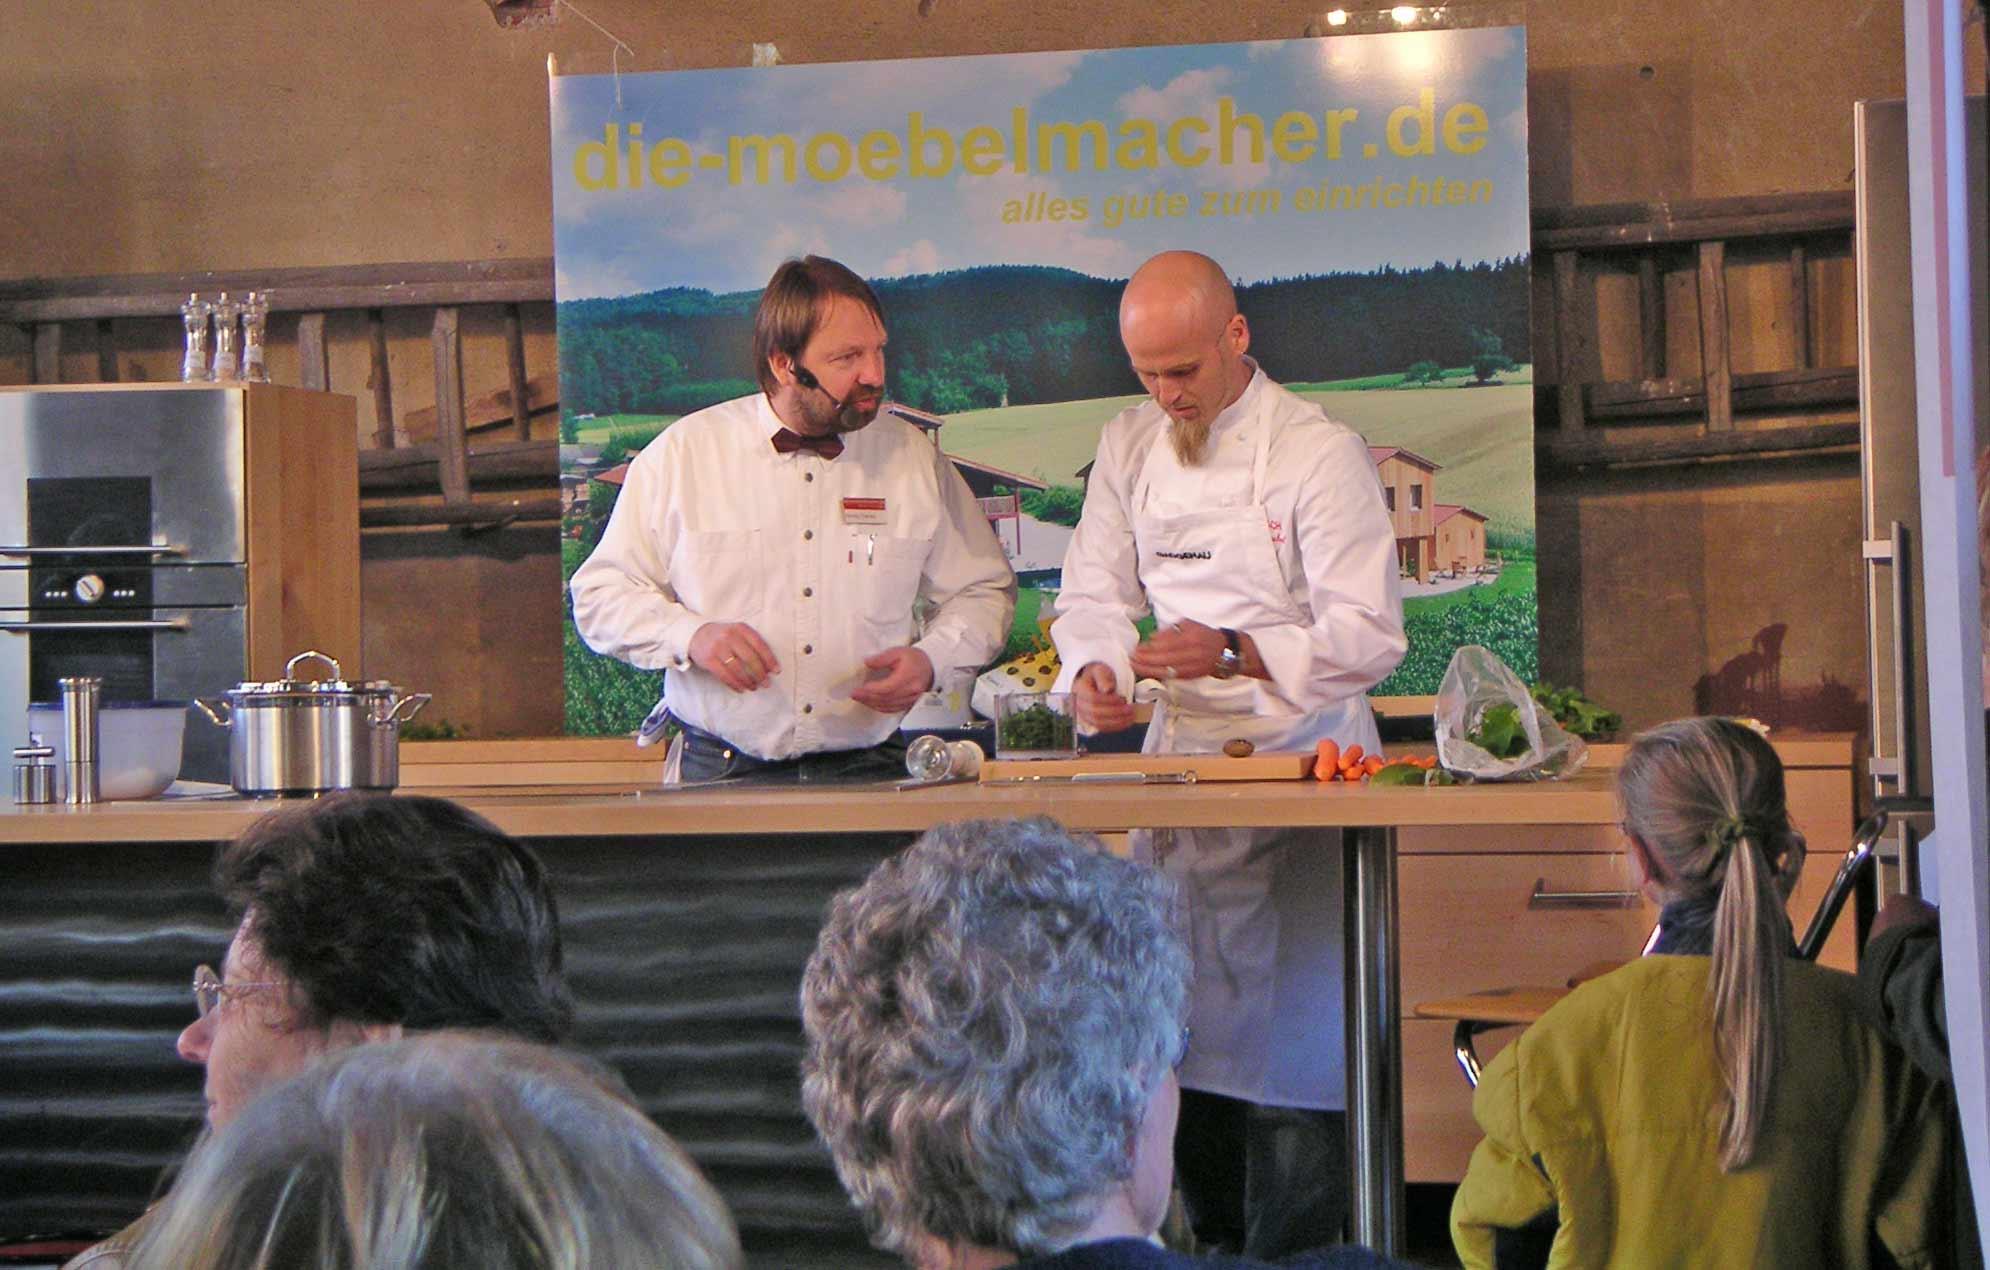 Kochworkshops die m belmacher - Die mobelmacher ...